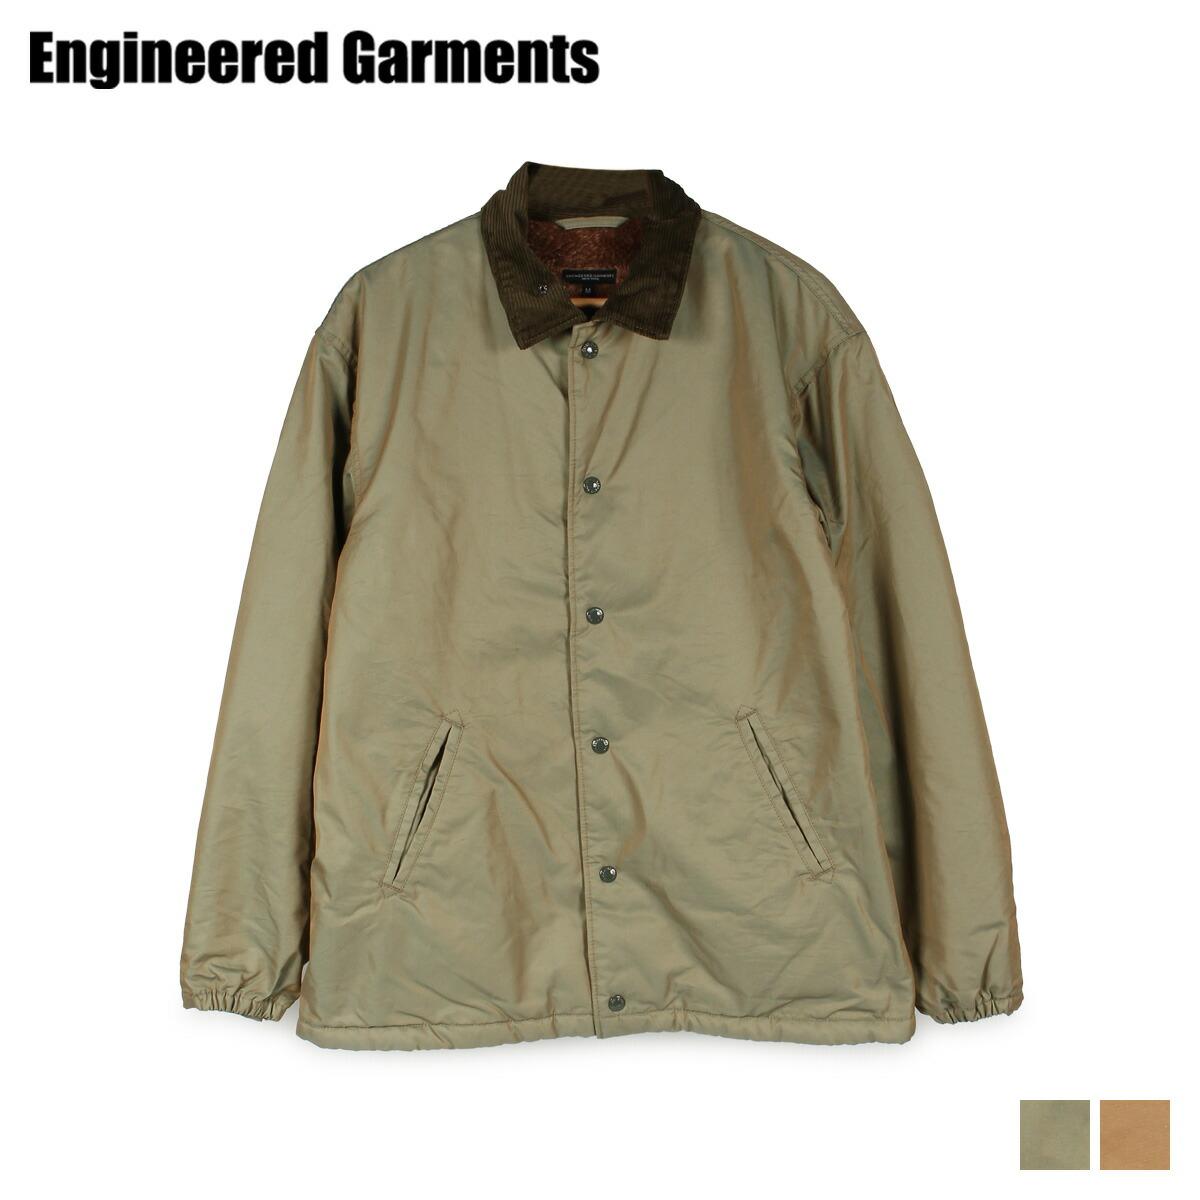 ENGINEERED GARMENTS エンジニアドガーメンツ ジャケット メンズ GROUND JACKET オリーブ オレンジ 19FD017-T